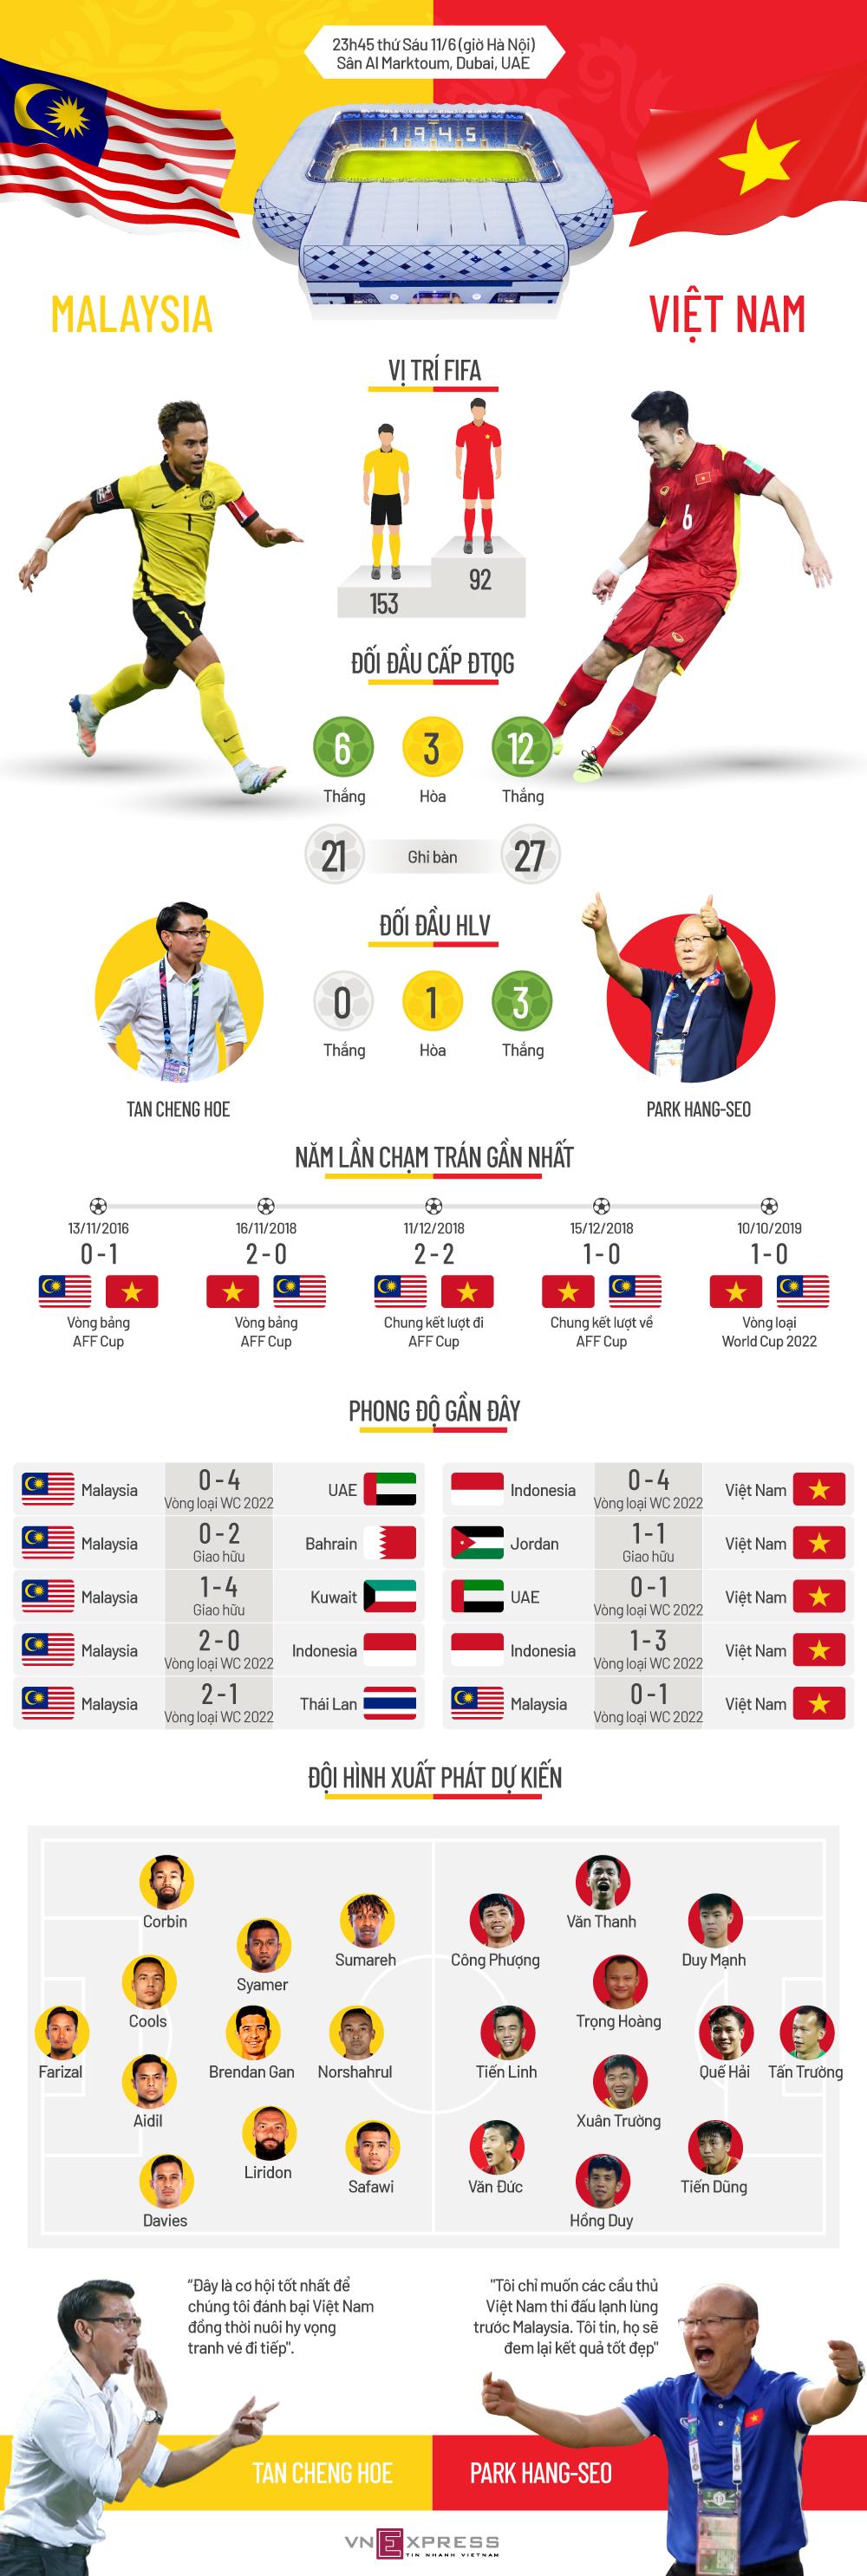 Tương quan trước trận Malaysia - Việt Nam